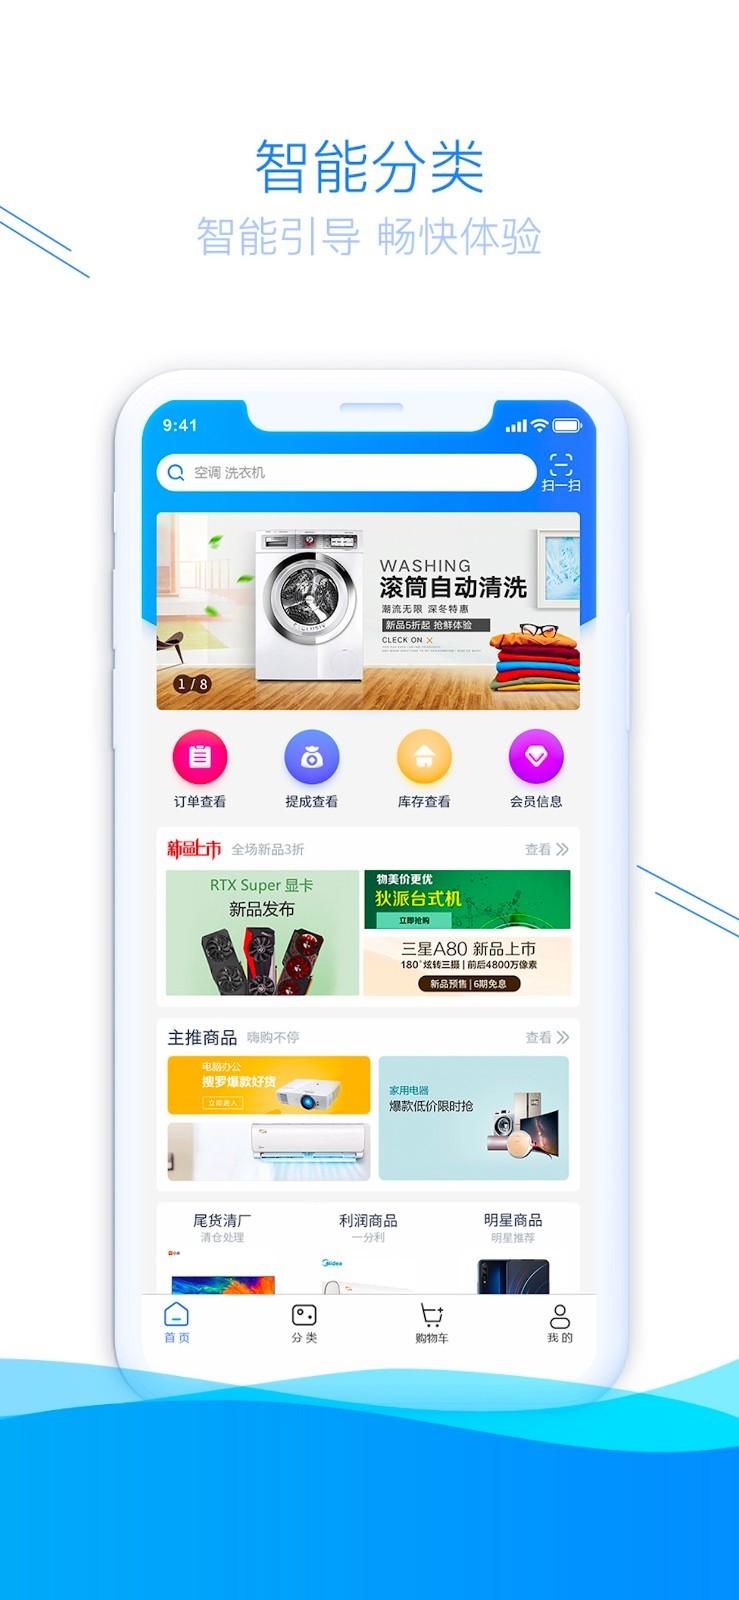 财神导购app截图1